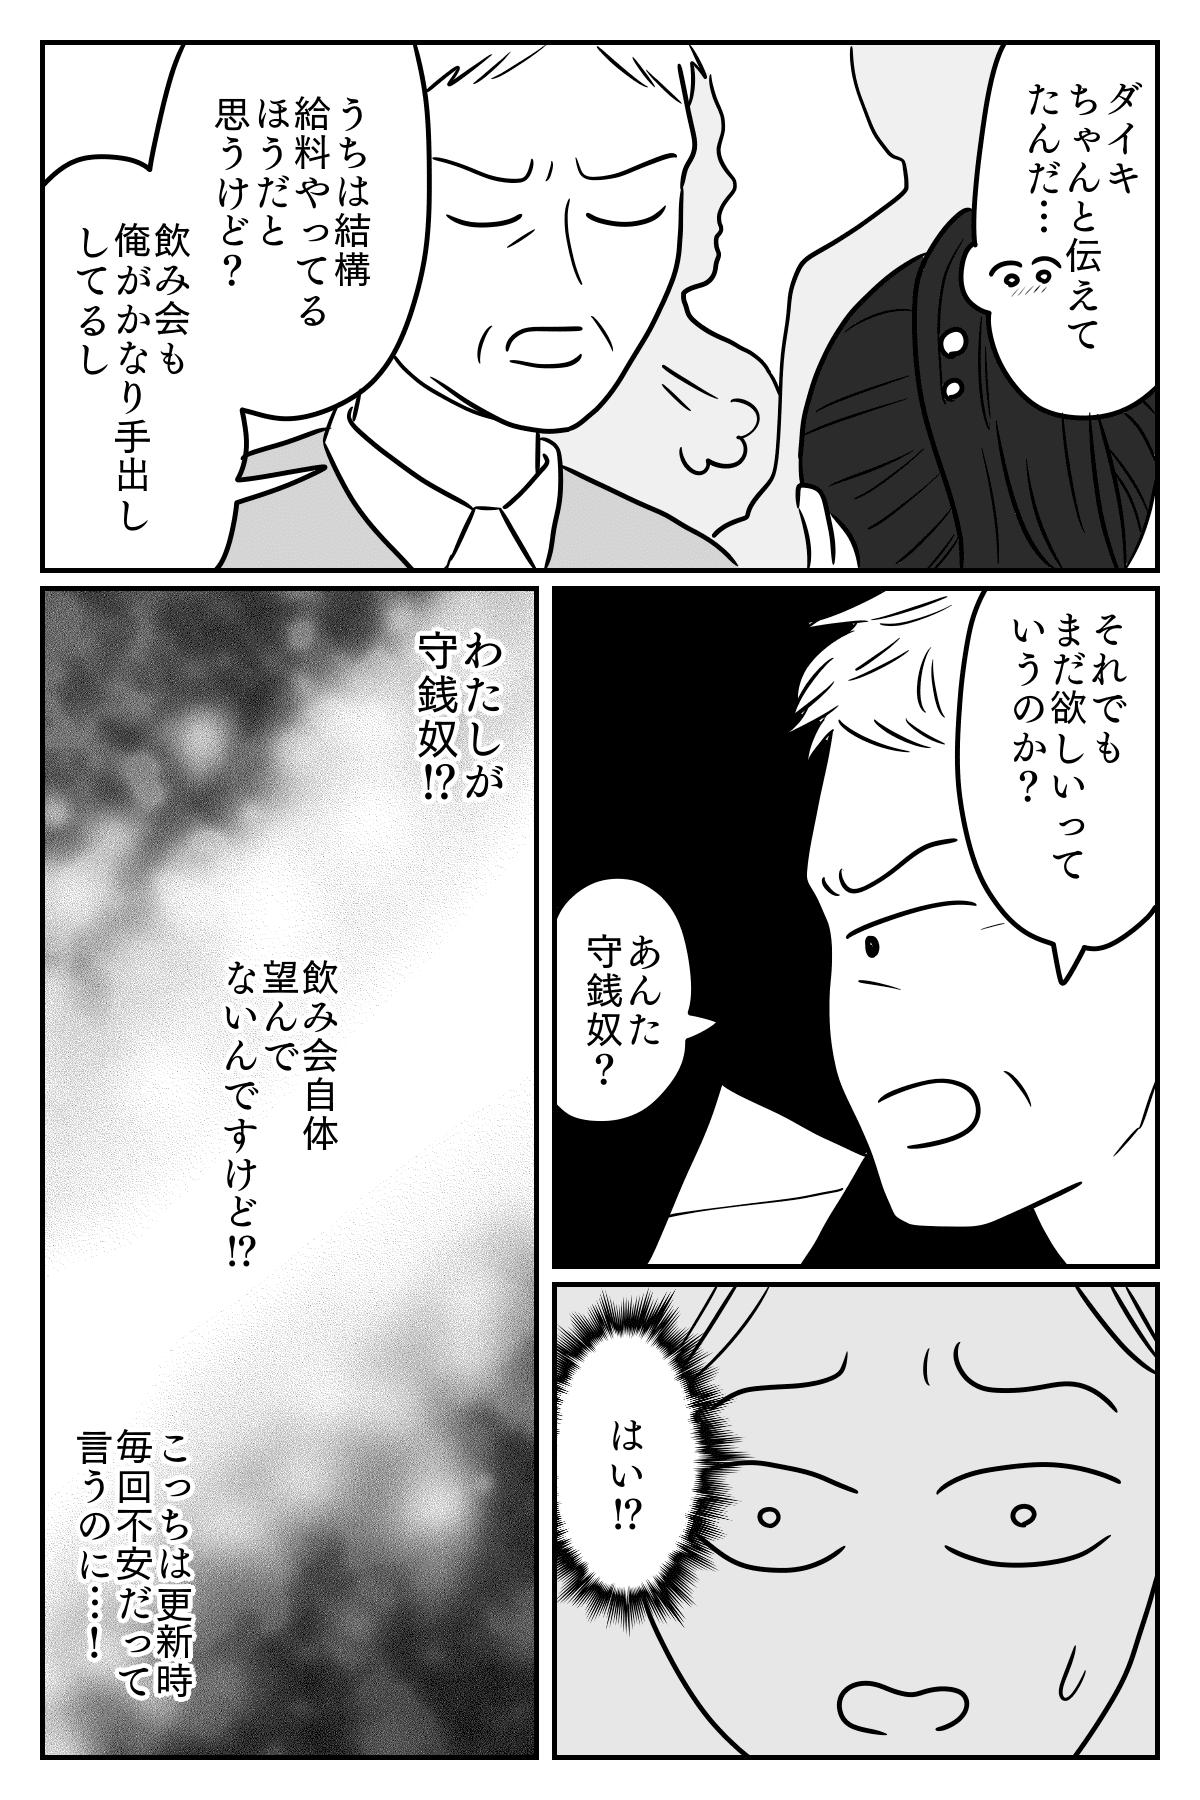 守銭奴前編03